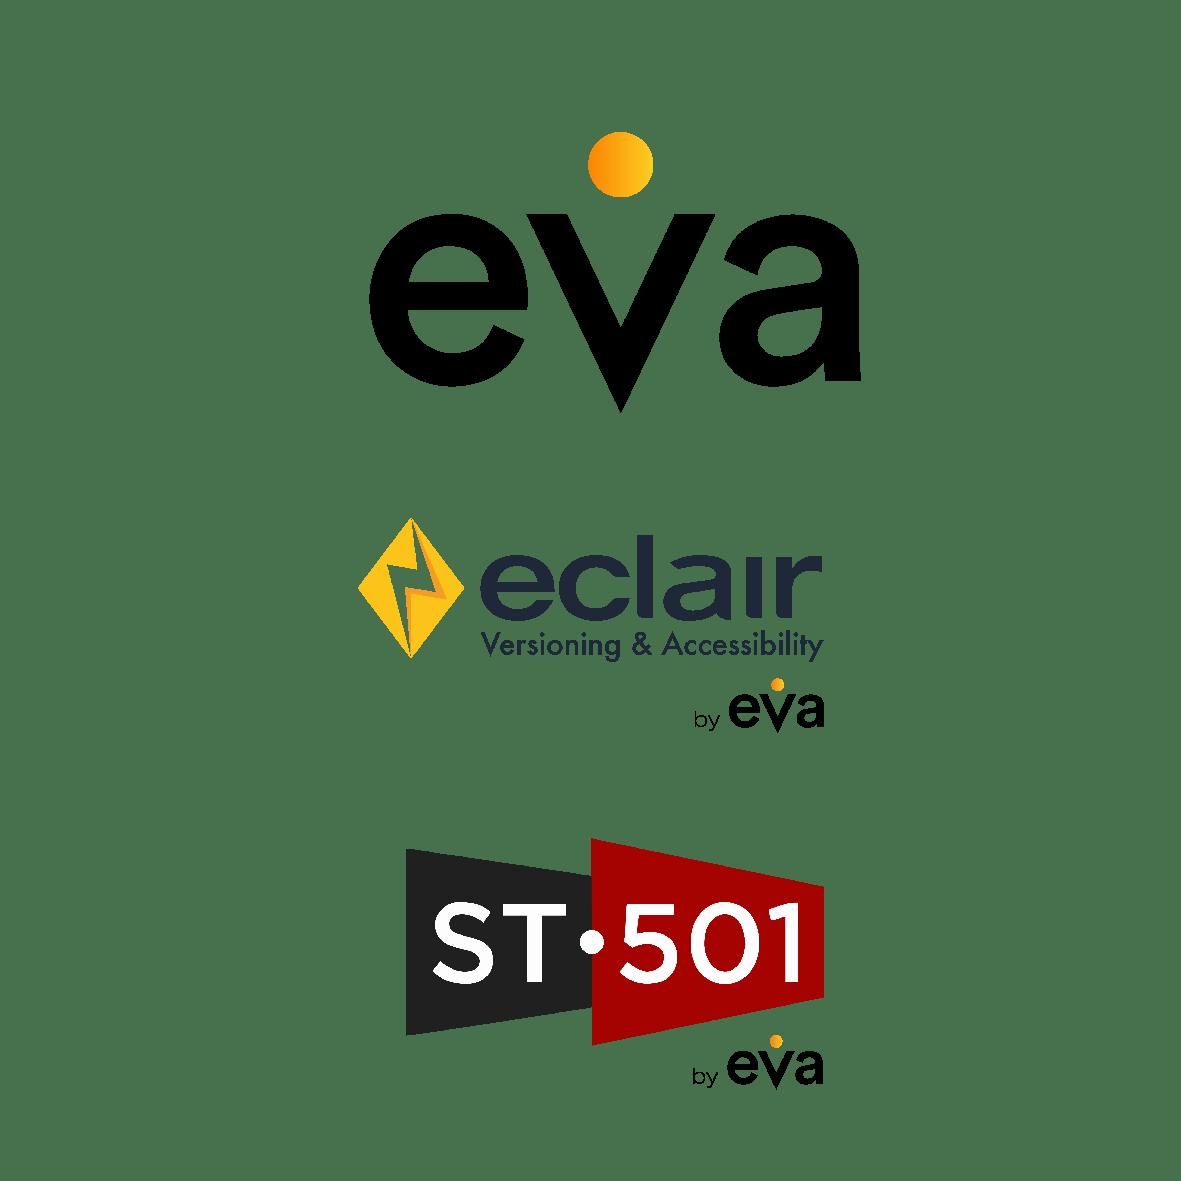 Thierry Baudry übernimmt die Leitung von Eclair Versioning & Accessibility in Frankreich, die zur EVA-Gruppe gehört und Studios in Frankreich -Paris & Straßburg-, Deutschland -Berlin & Karlsruhe- und Spanien -Madrid, Barcelona & Valencia verfügt.